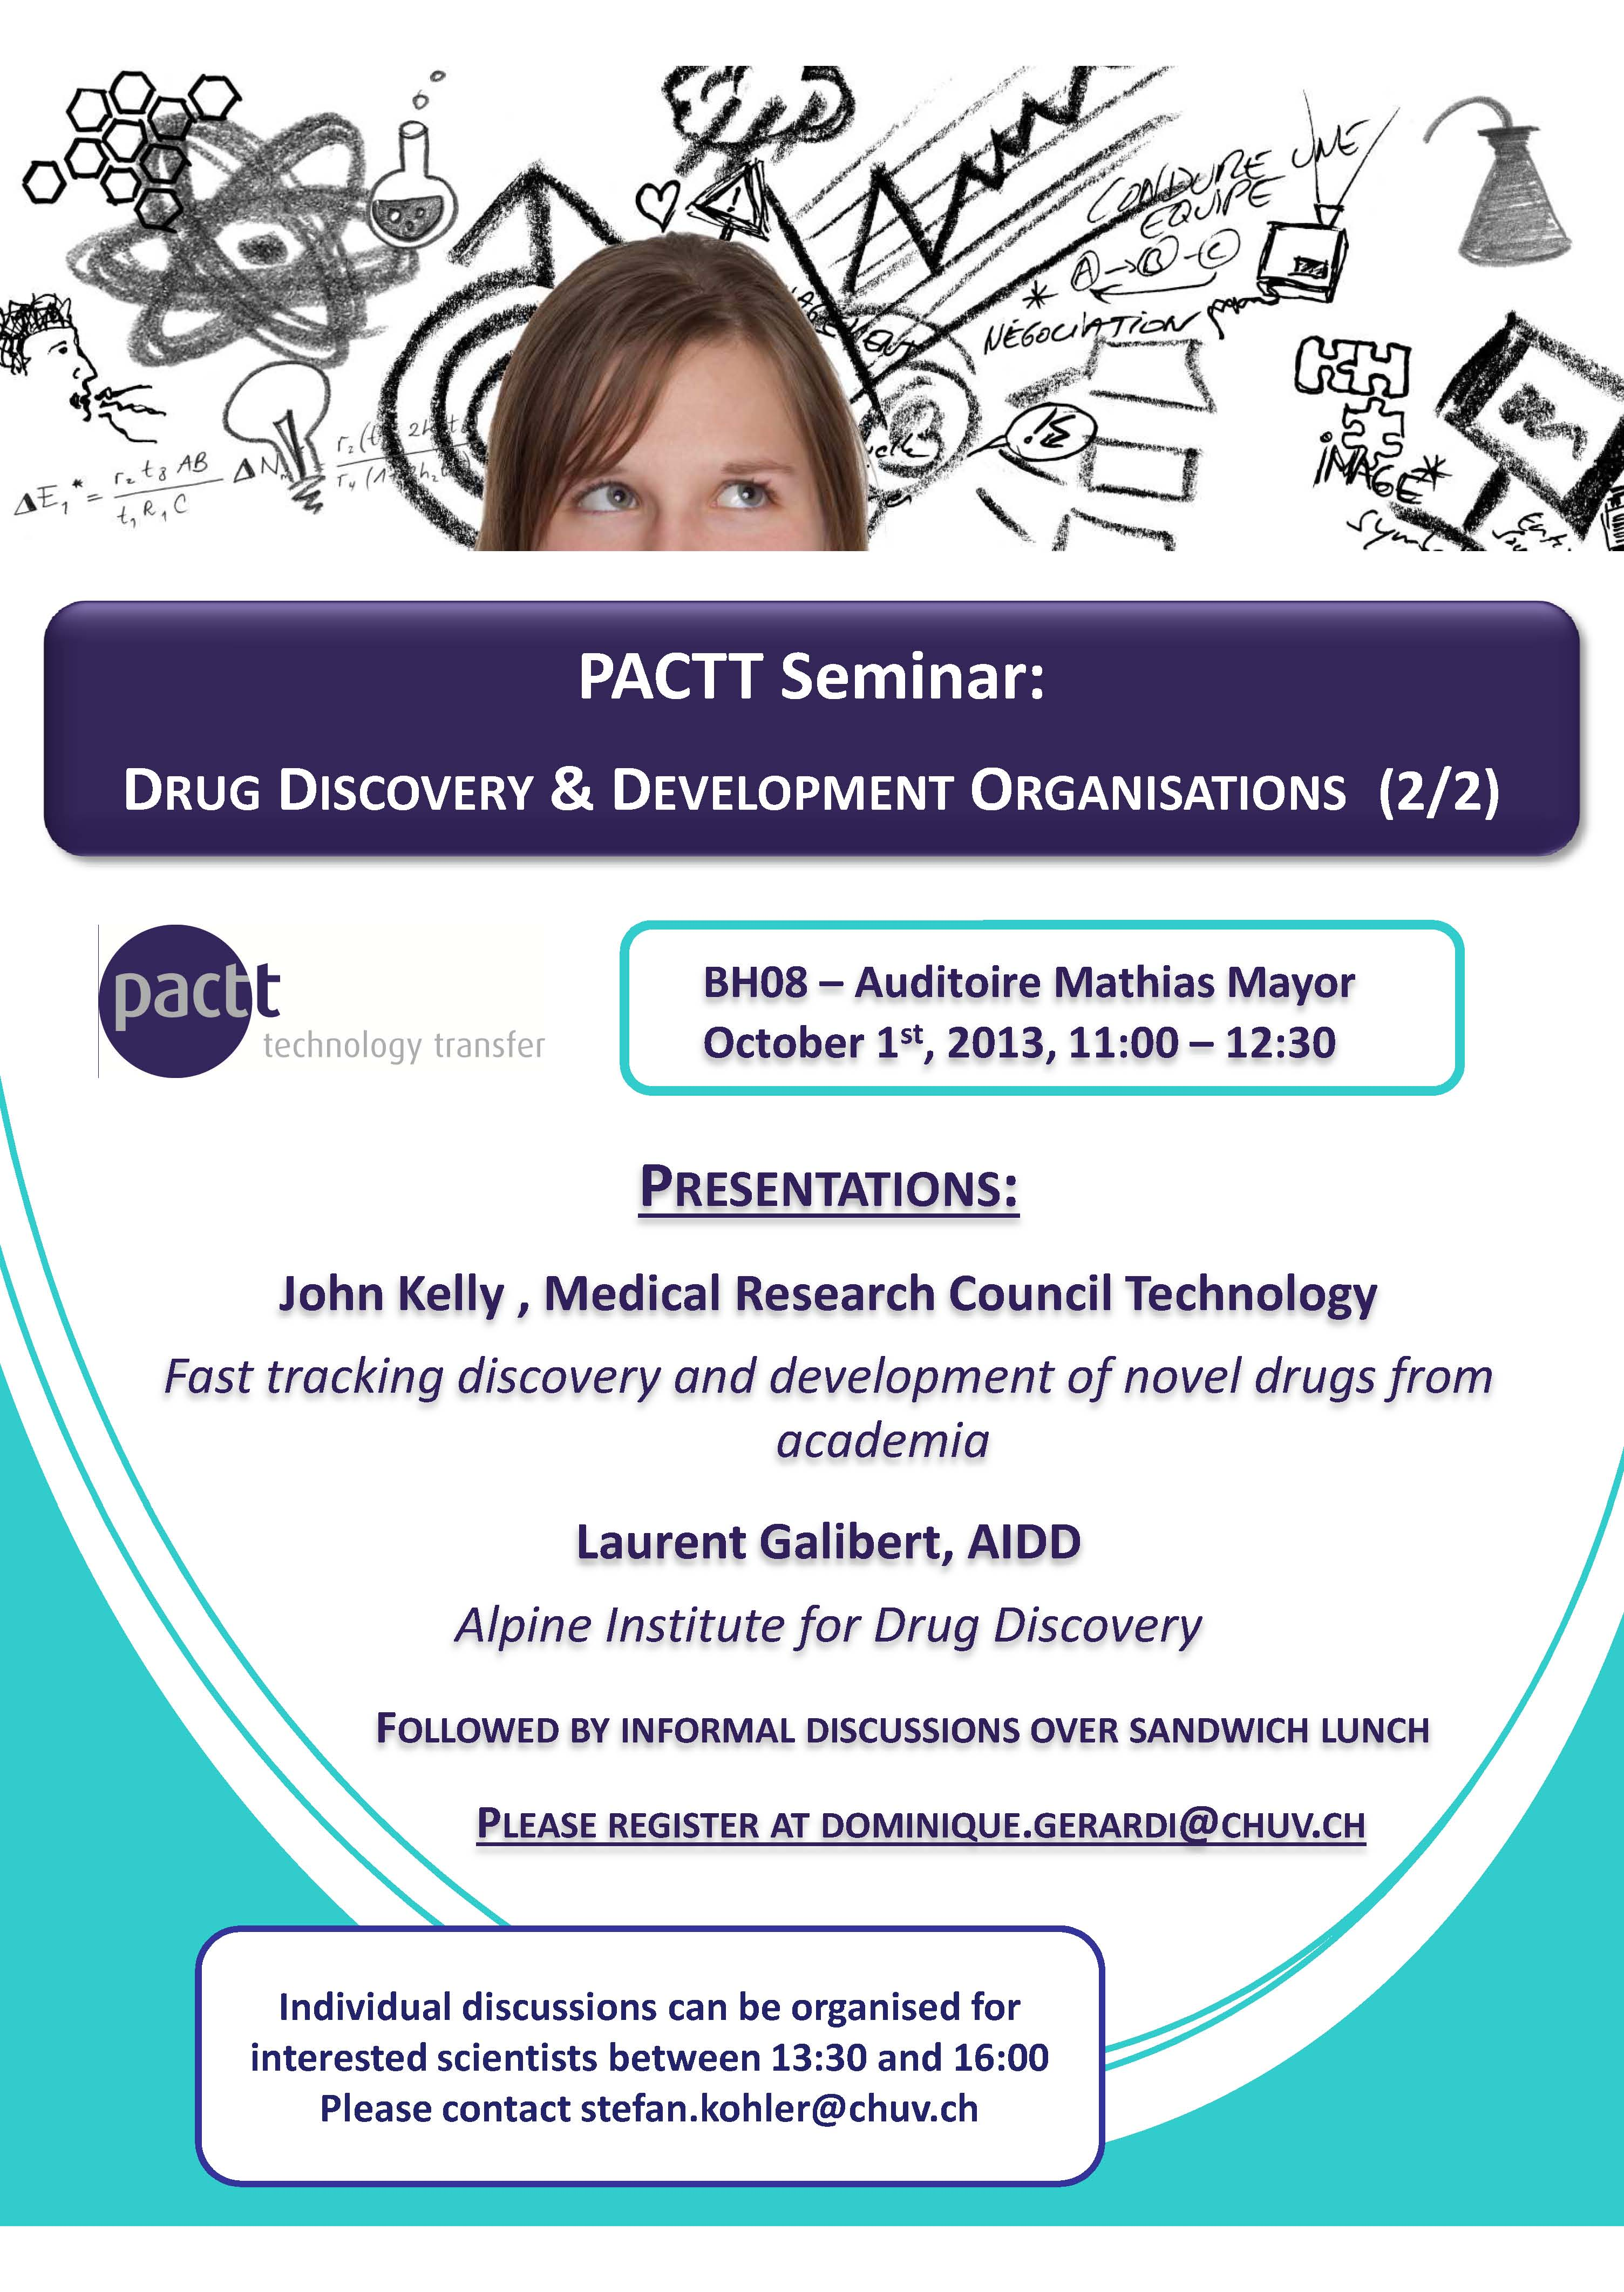 PACTT Seminar October 1